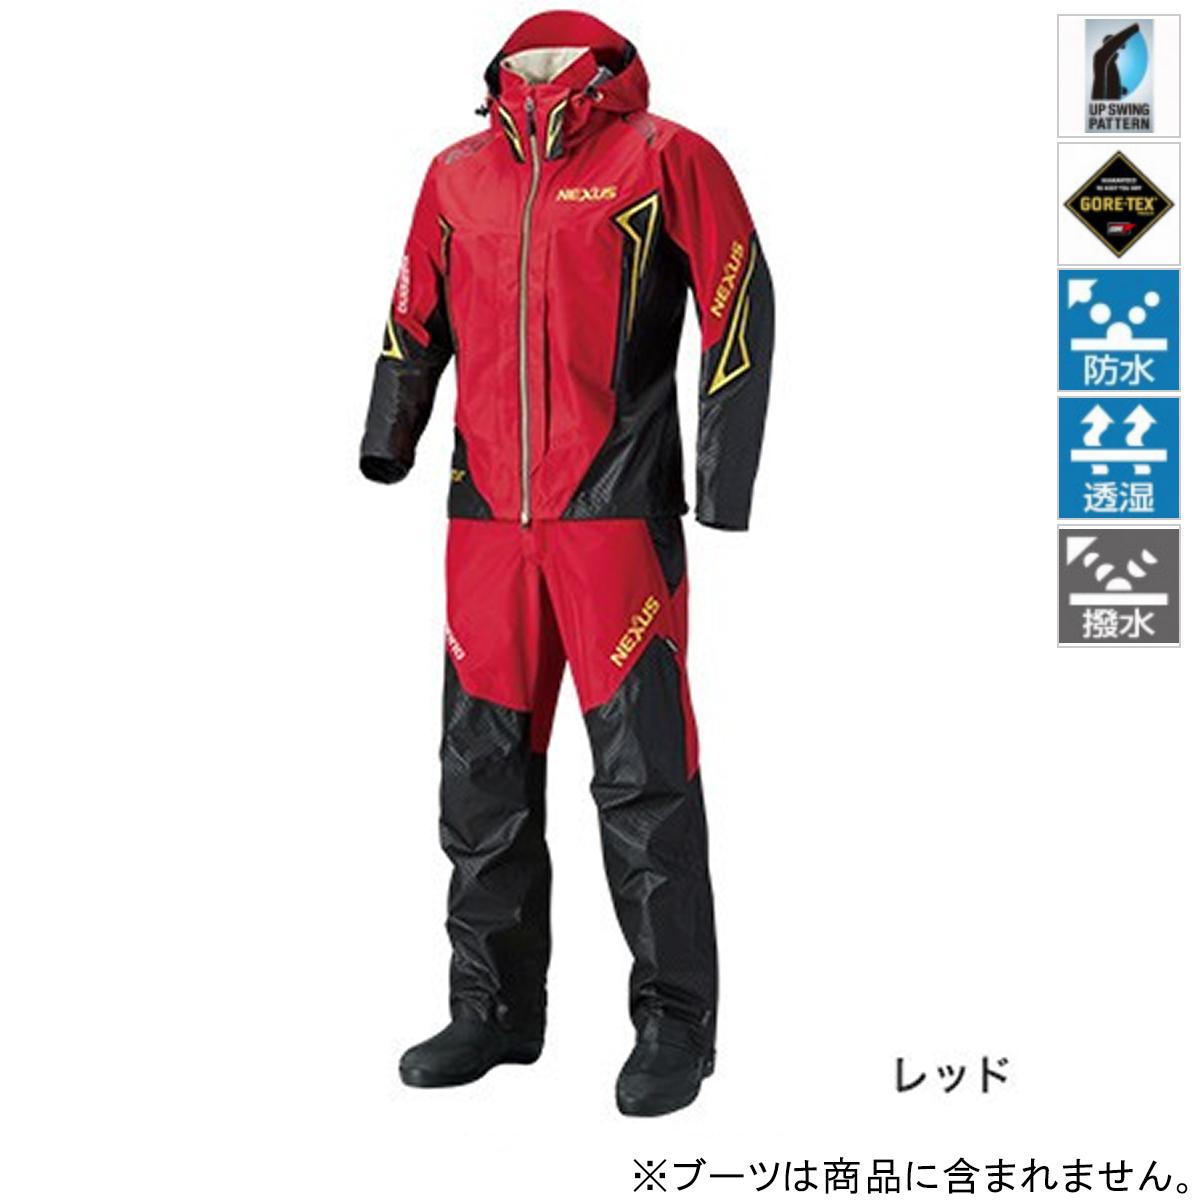 シマノ NEXUS GORE-TEX レインスーツ EX RA-119R L レッド